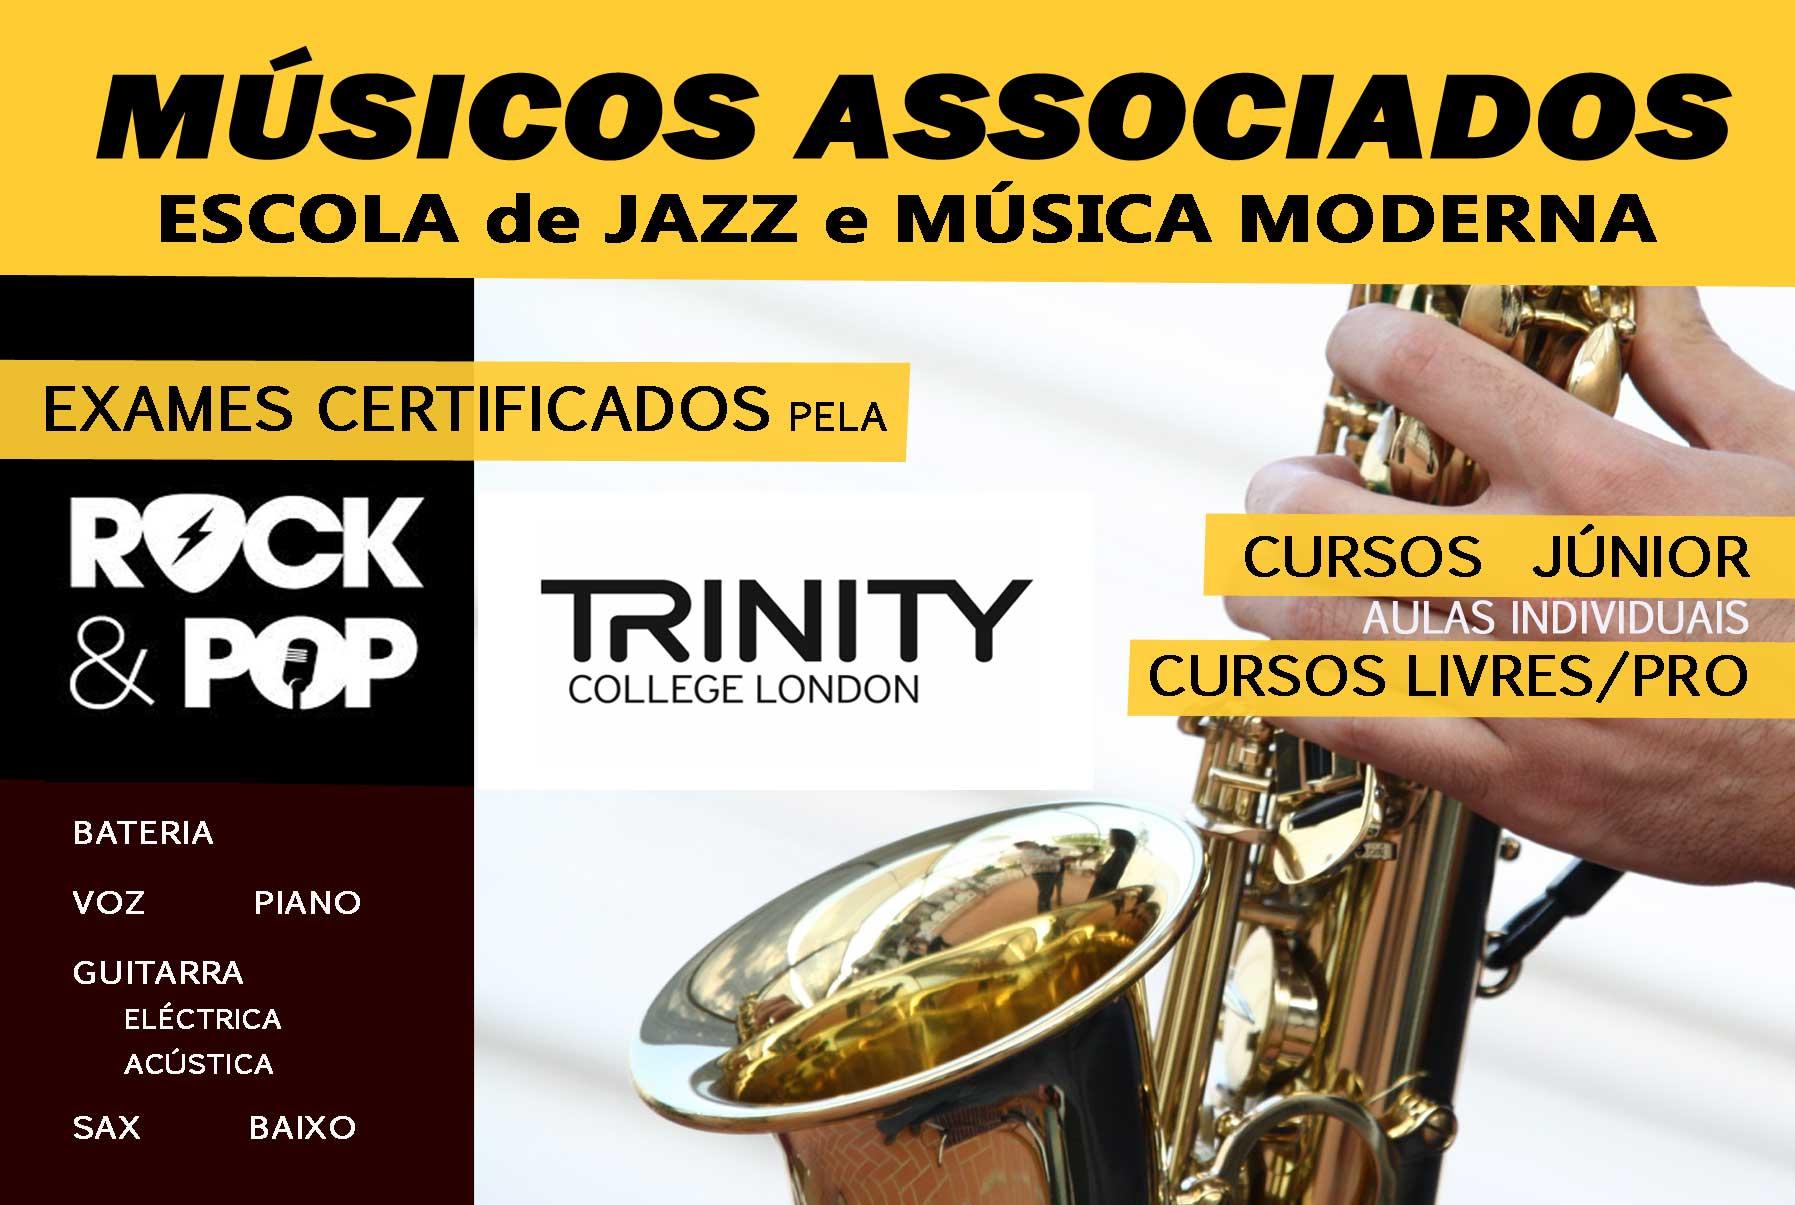 Músicos Associados